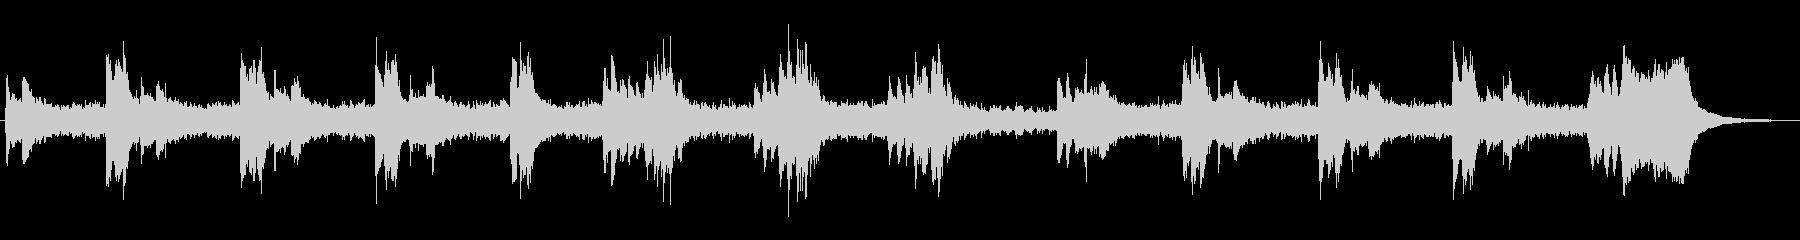 シンセによる奇妙なジングルの未再生の波形